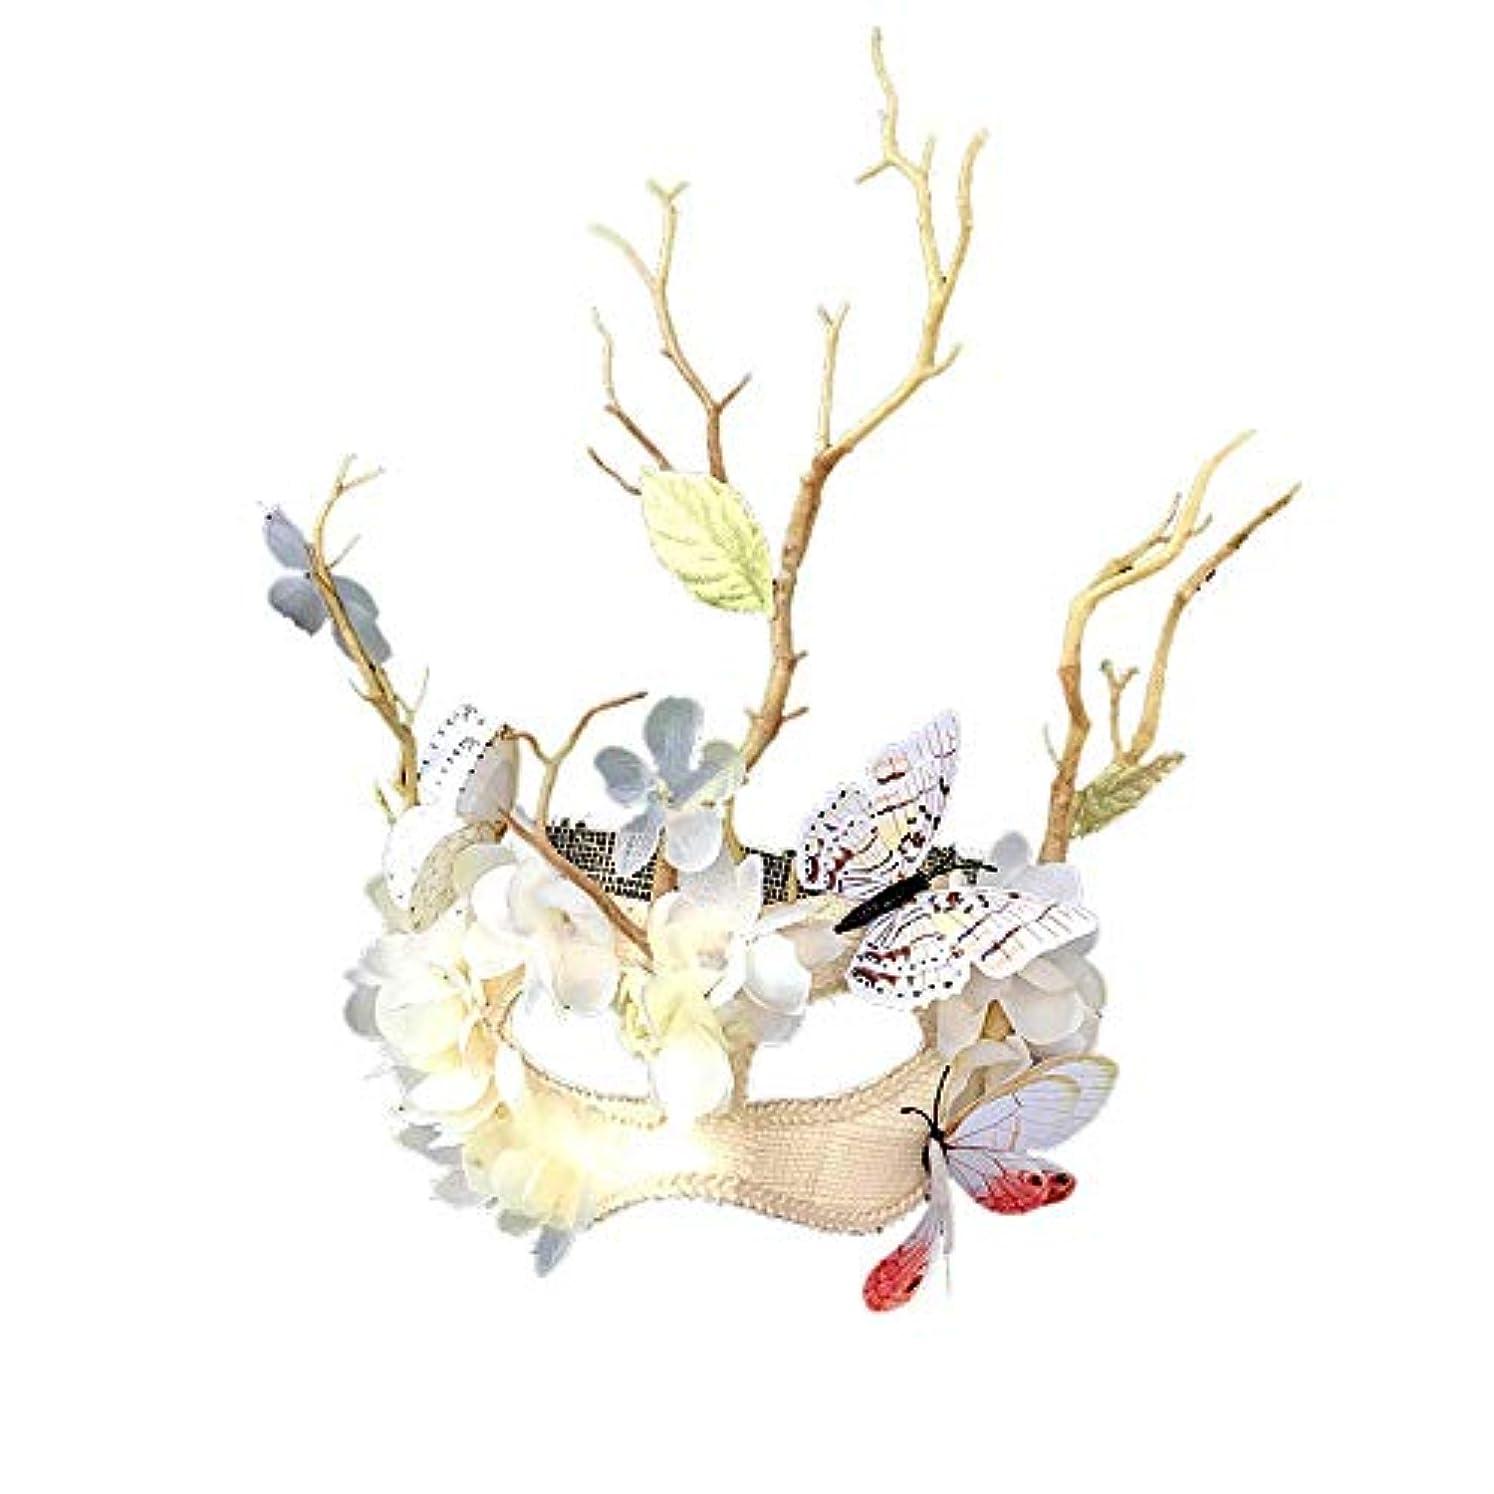 袋式肝Nanle ハロウィンの蝶の木ブランチマスク仮装マスクレディミスプリンセス美容祭パーティーデコレーション (色 : ベージュ)